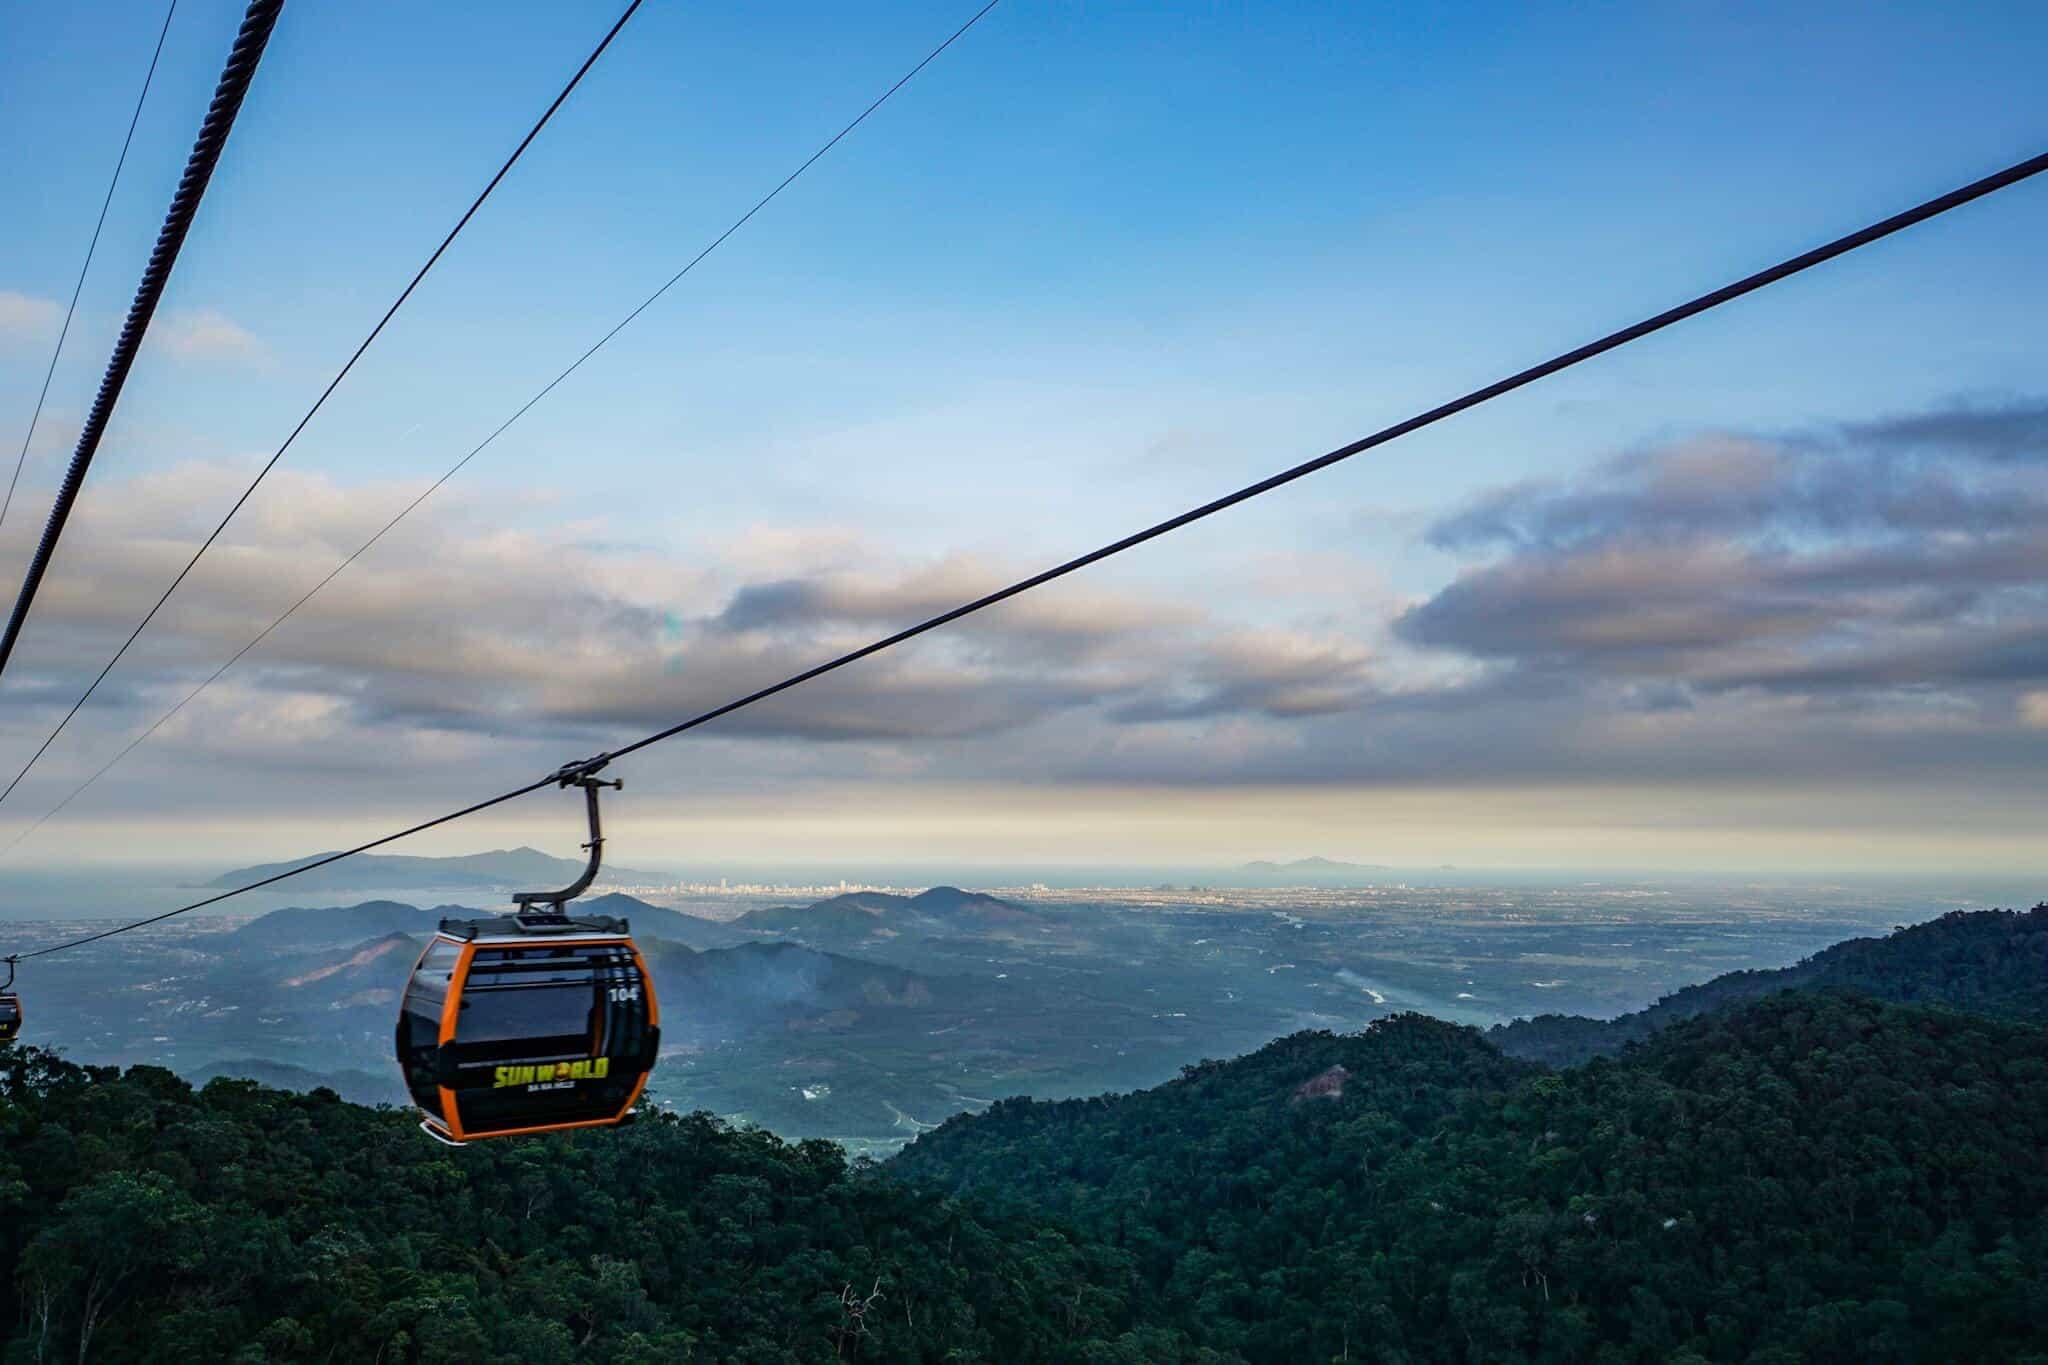 Da Nang Sunworld Cable Car 3